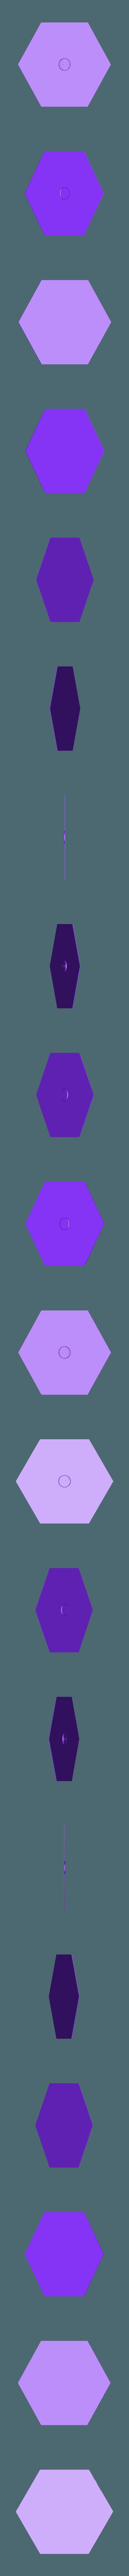 carrom_box_queen.stl Télécharger fichier STL gratuit Boîte de stockage de Carrom • Modèle imprimable en 3D, jp_math